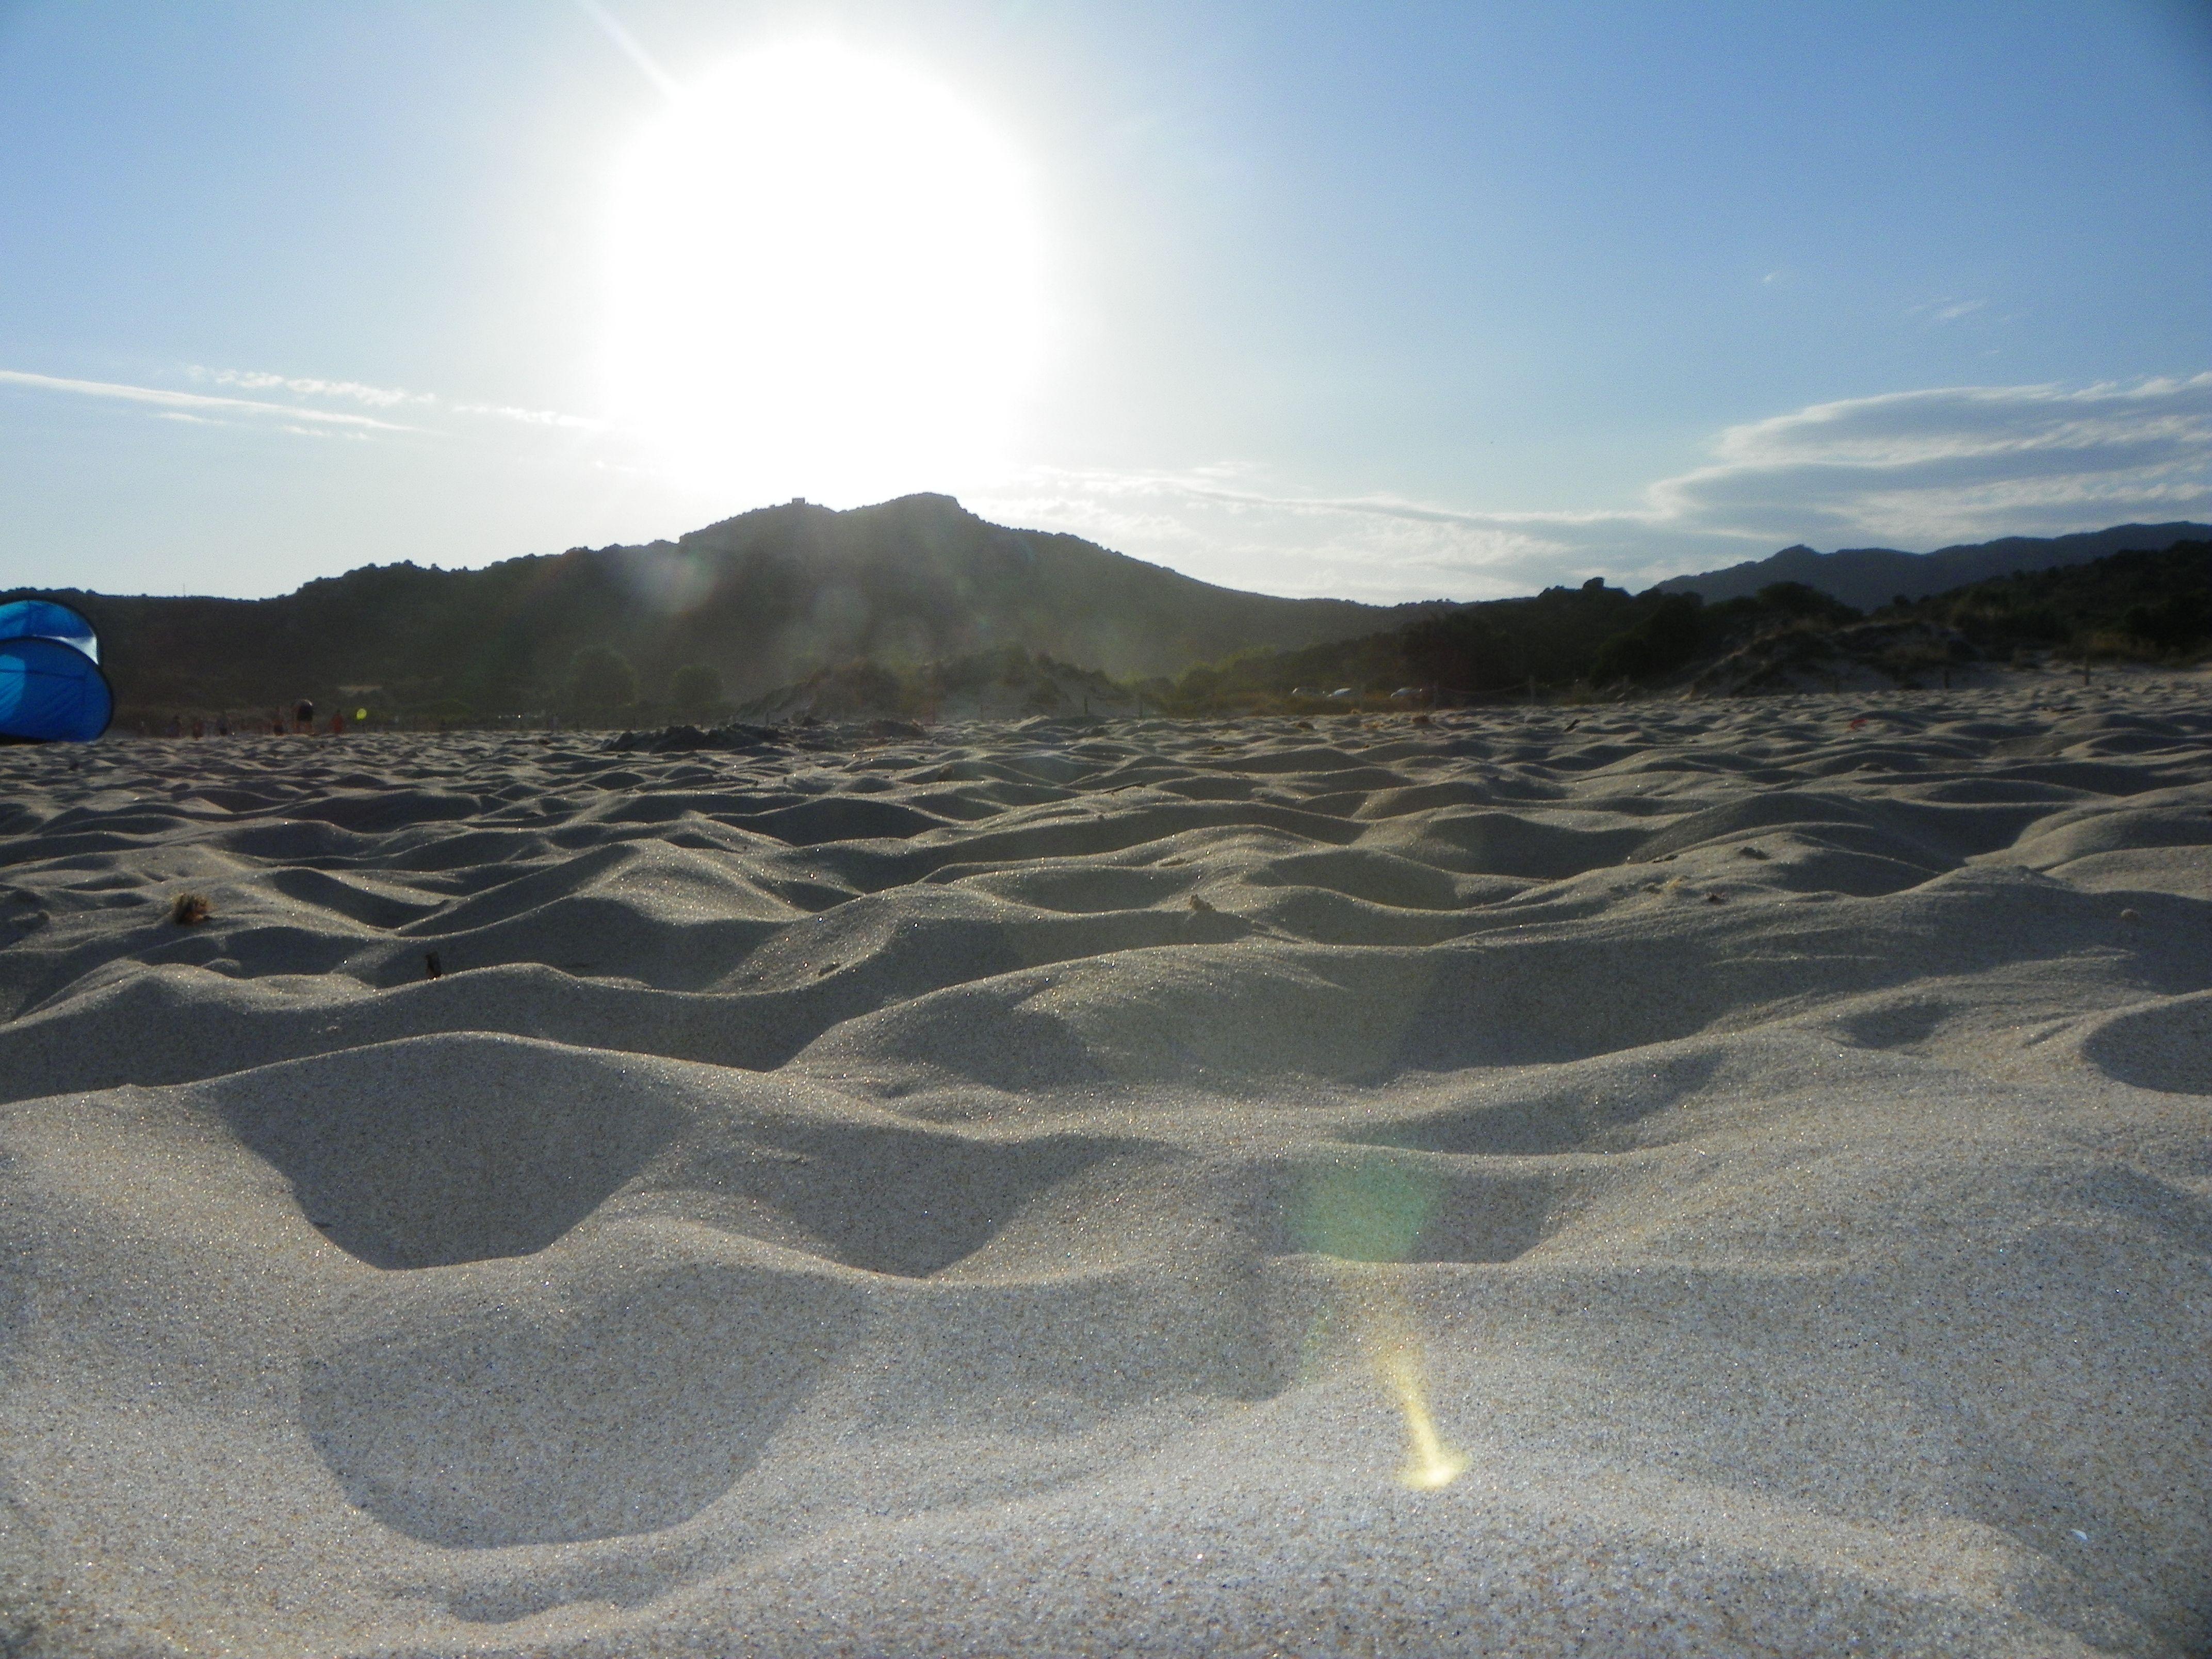 La meravigliosa sabbia di Capo Spartivento (CHIA)